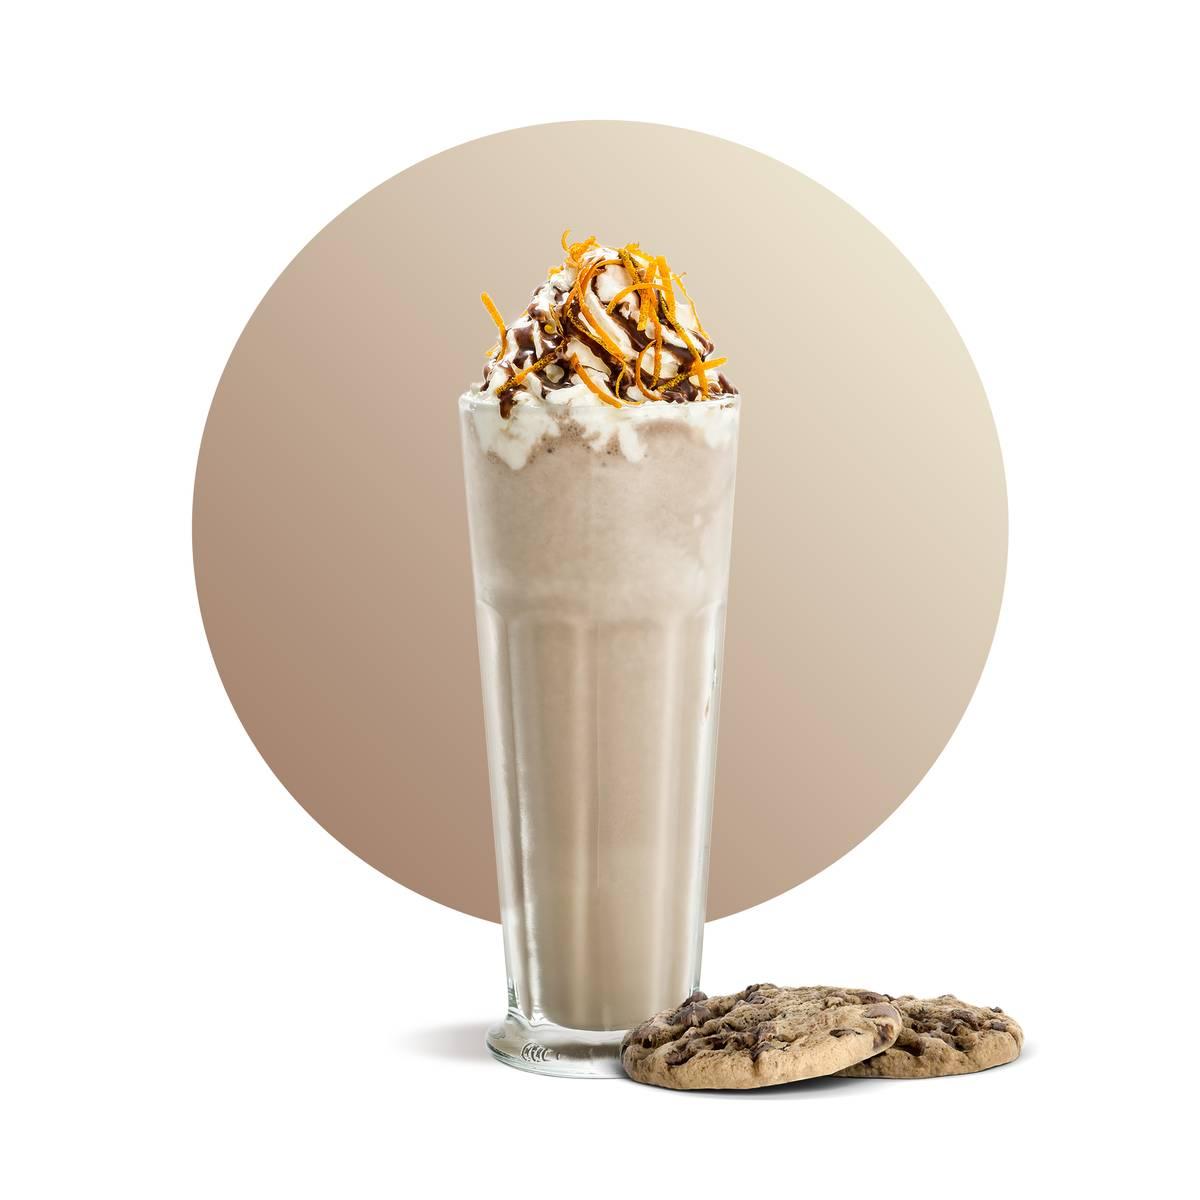 Chocolate Cookies Milkshake Drink